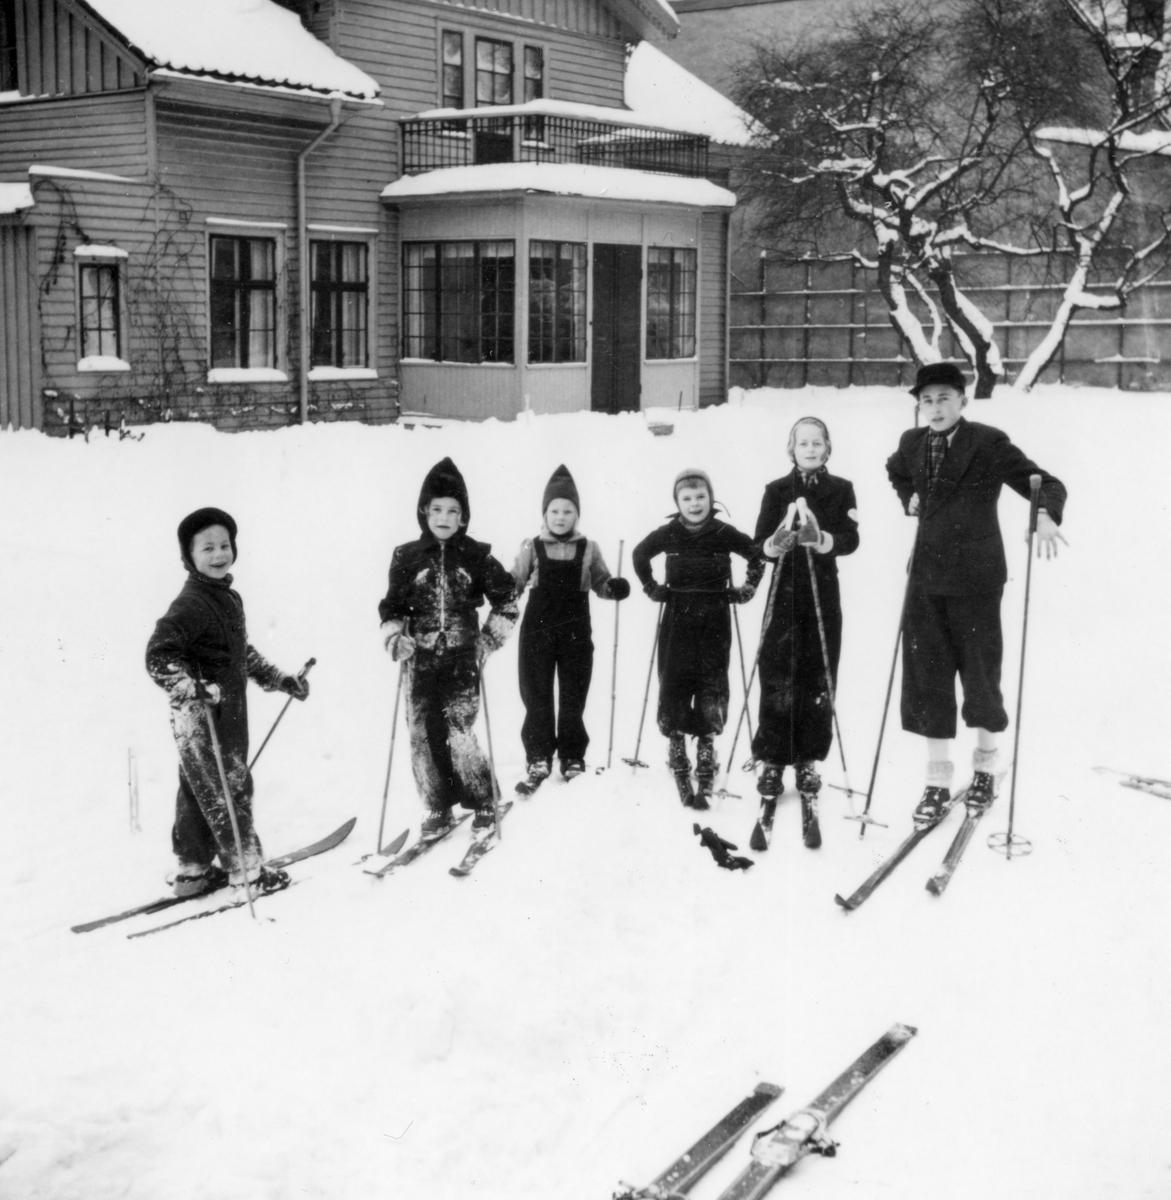 Rosenbadsgatan 11/ Rosenbad 4 troligen 1941. Från vänster: Leif Ronge, Mariann Törnqvist. Monica Löfberg. Lennart Lund. Anita Ronge och Lars Ronge.